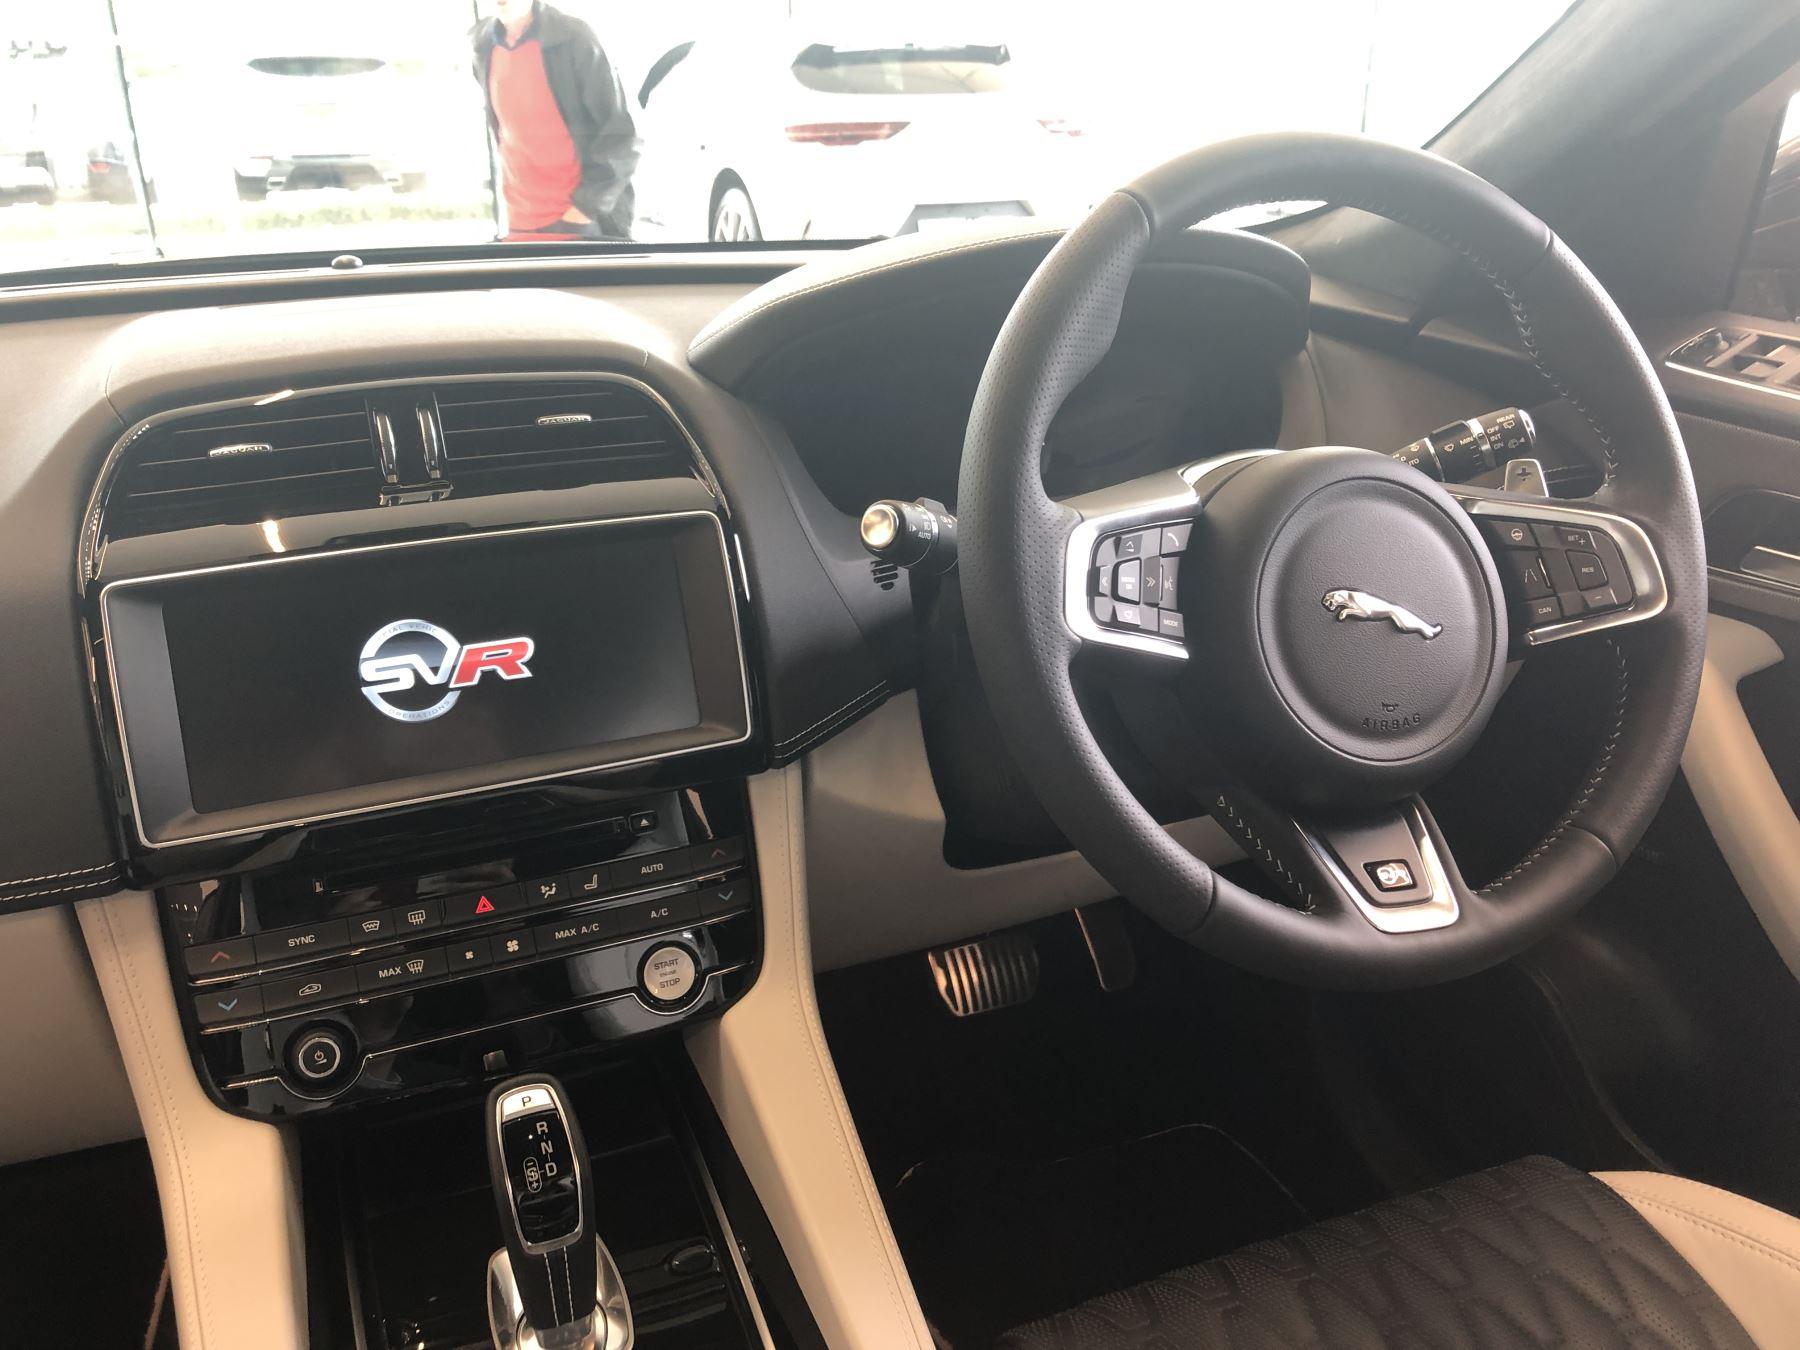 Jaguar F-PACE 5.0 Supercharged V8 SVR AWD image 8